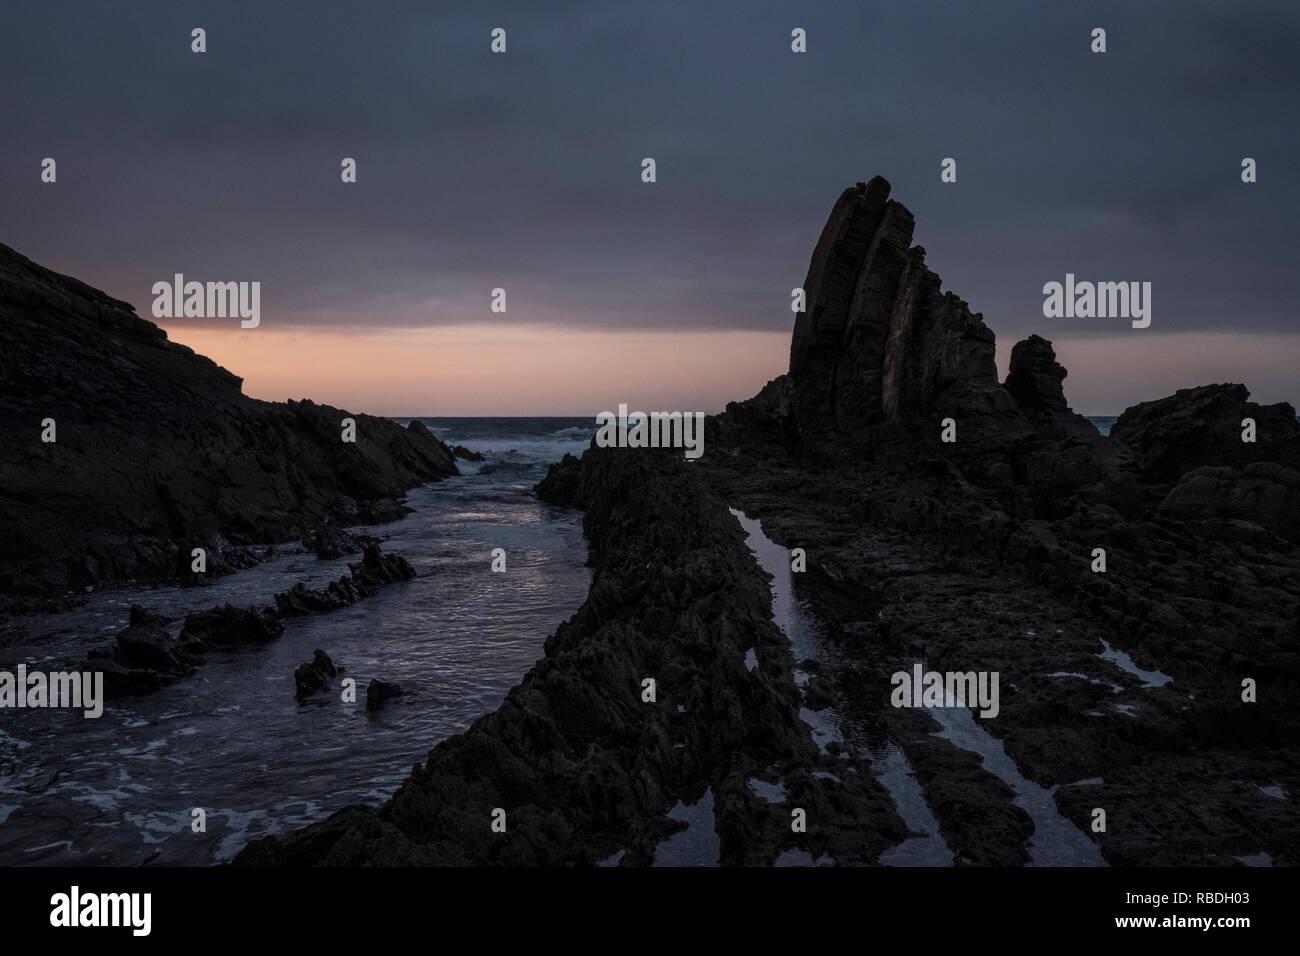 Alentejo, Portugal - 24 de febrero de 2016: El diseño rockly de Lapa das Pombas Imagen De Stock